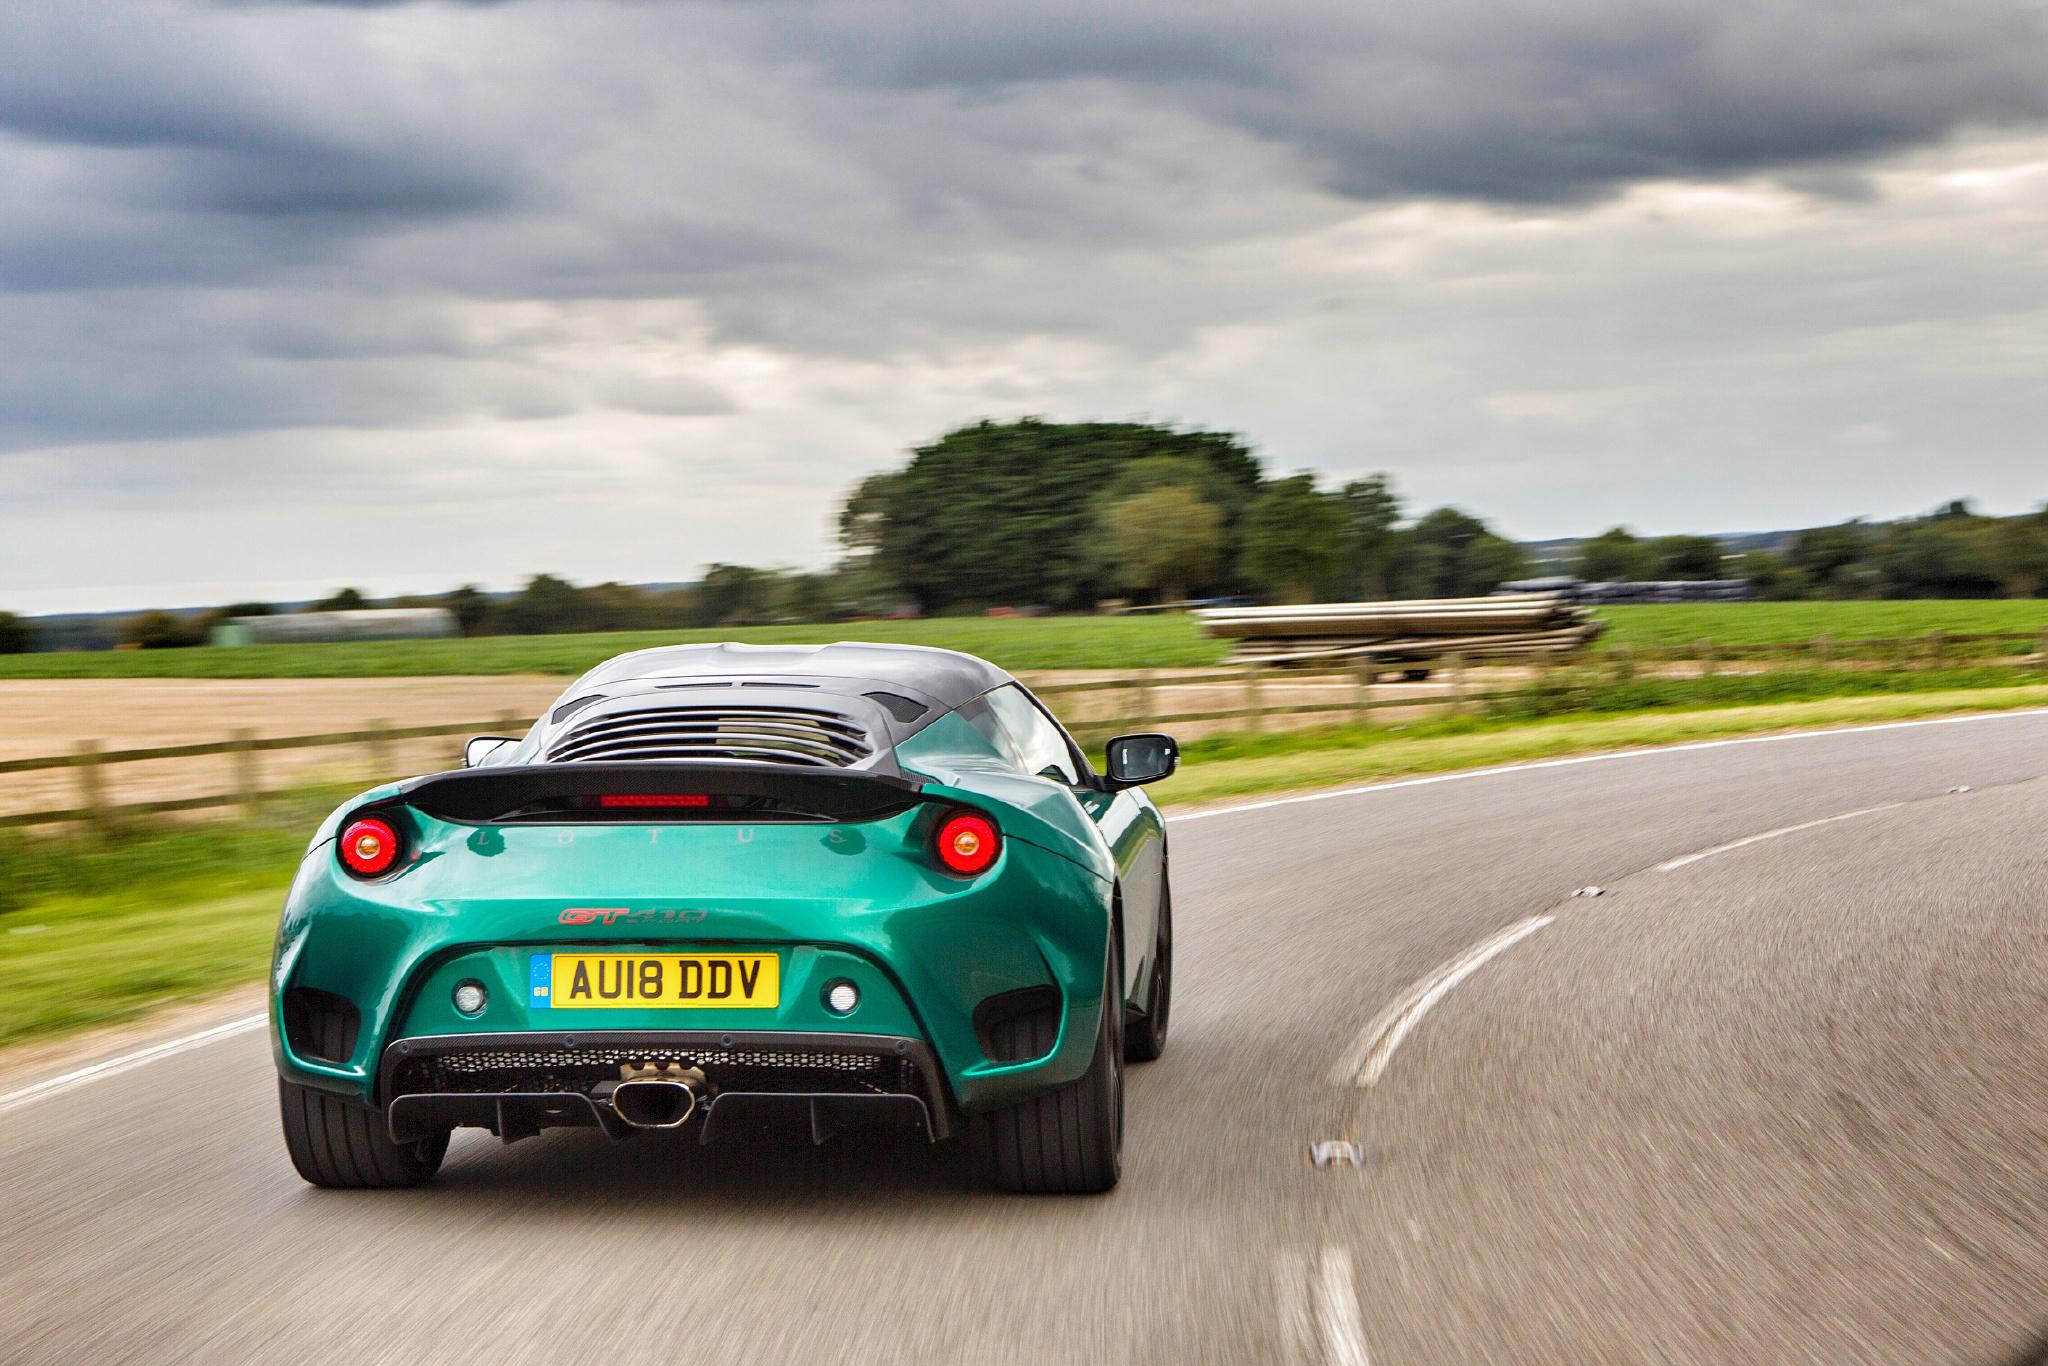 试驾 | Lotus GT410 Sport